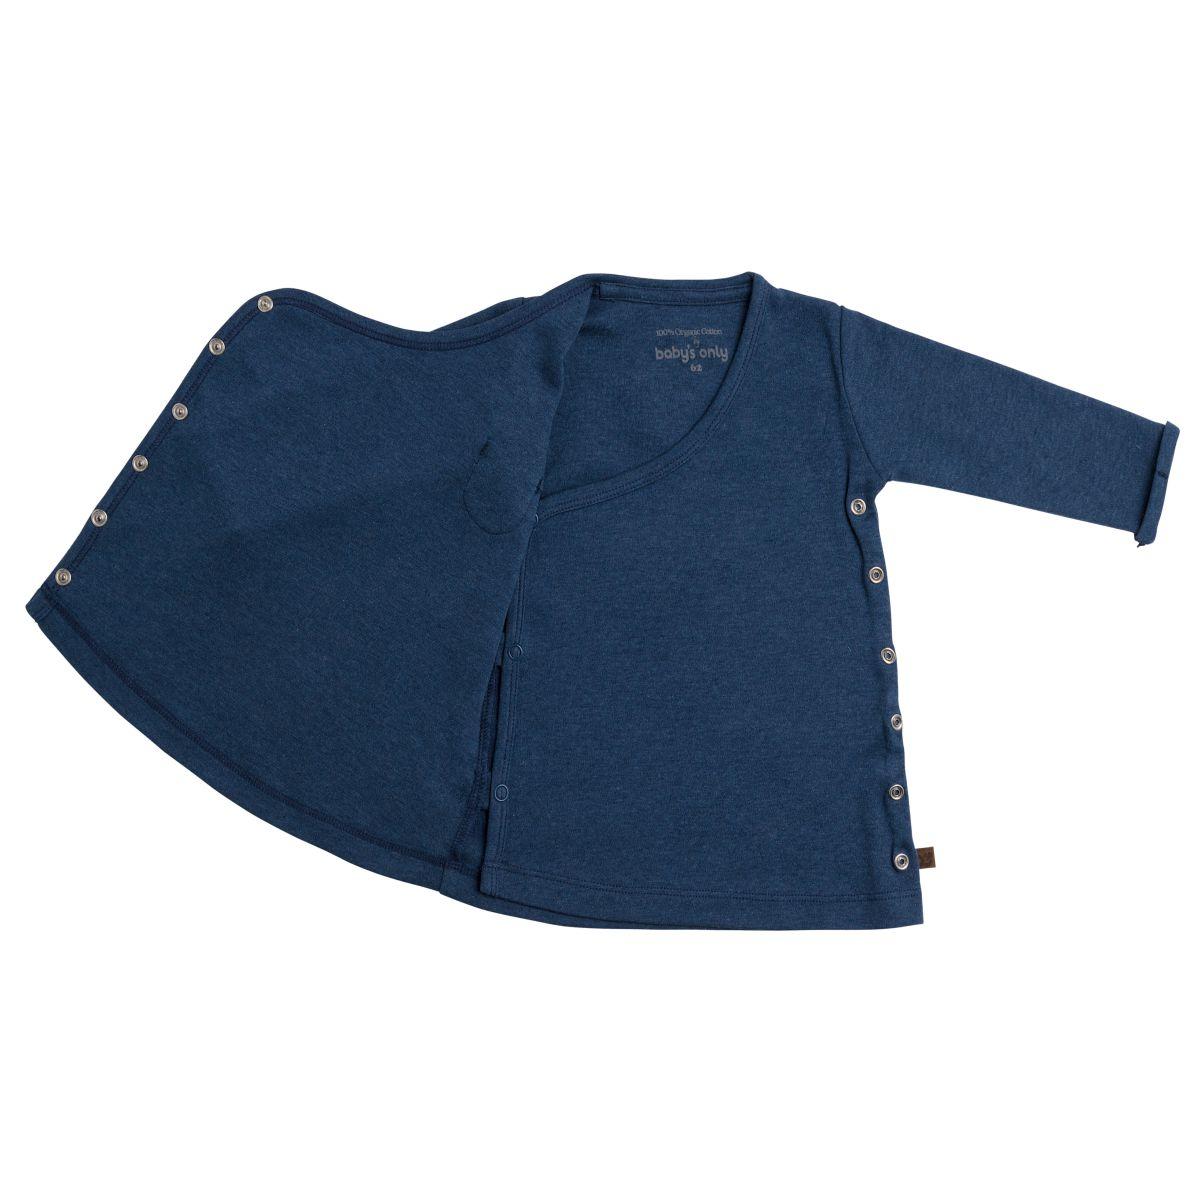 babys only 3506228 jurkje melange 62 jeans 2